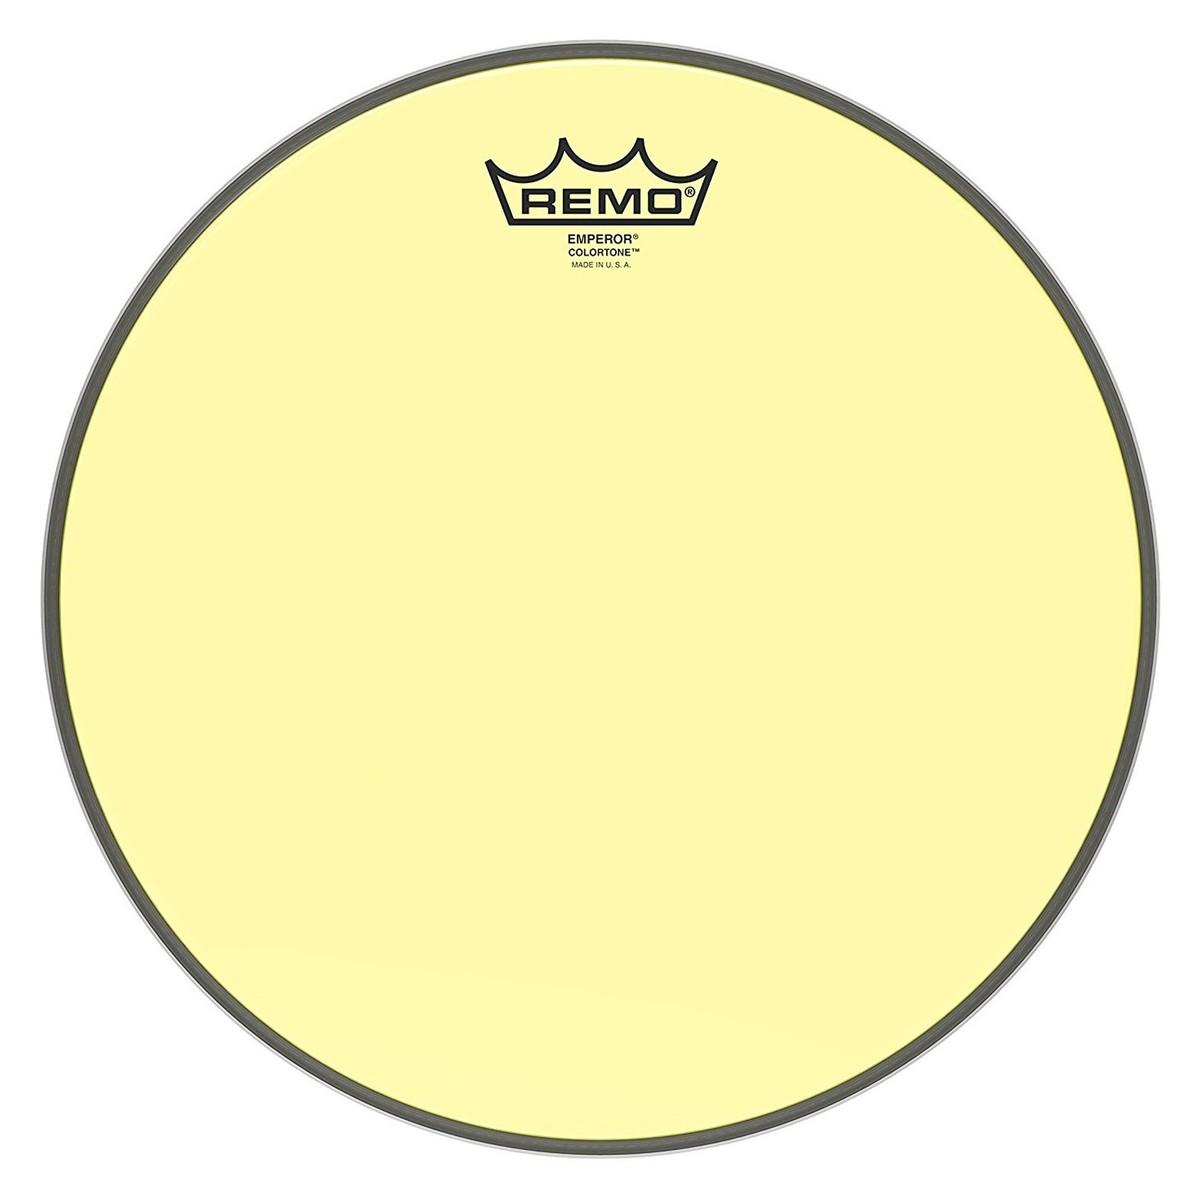 Remo Emperor Colortone Yellow 12 Drum Head